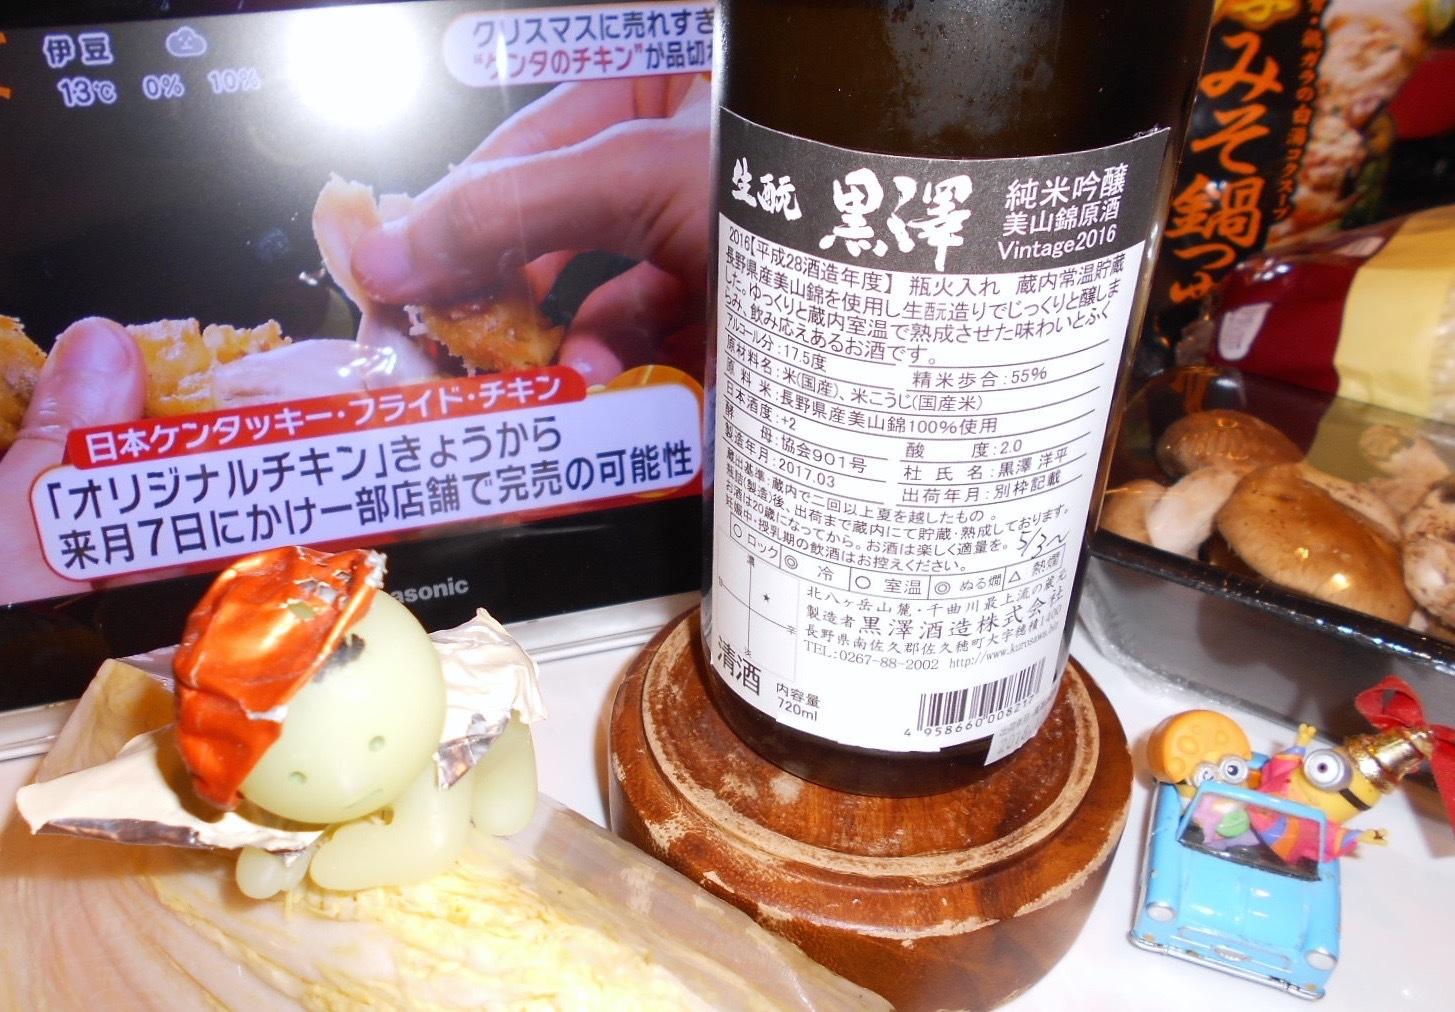 kurosawa_jungin_futanatsu28by2.jpg